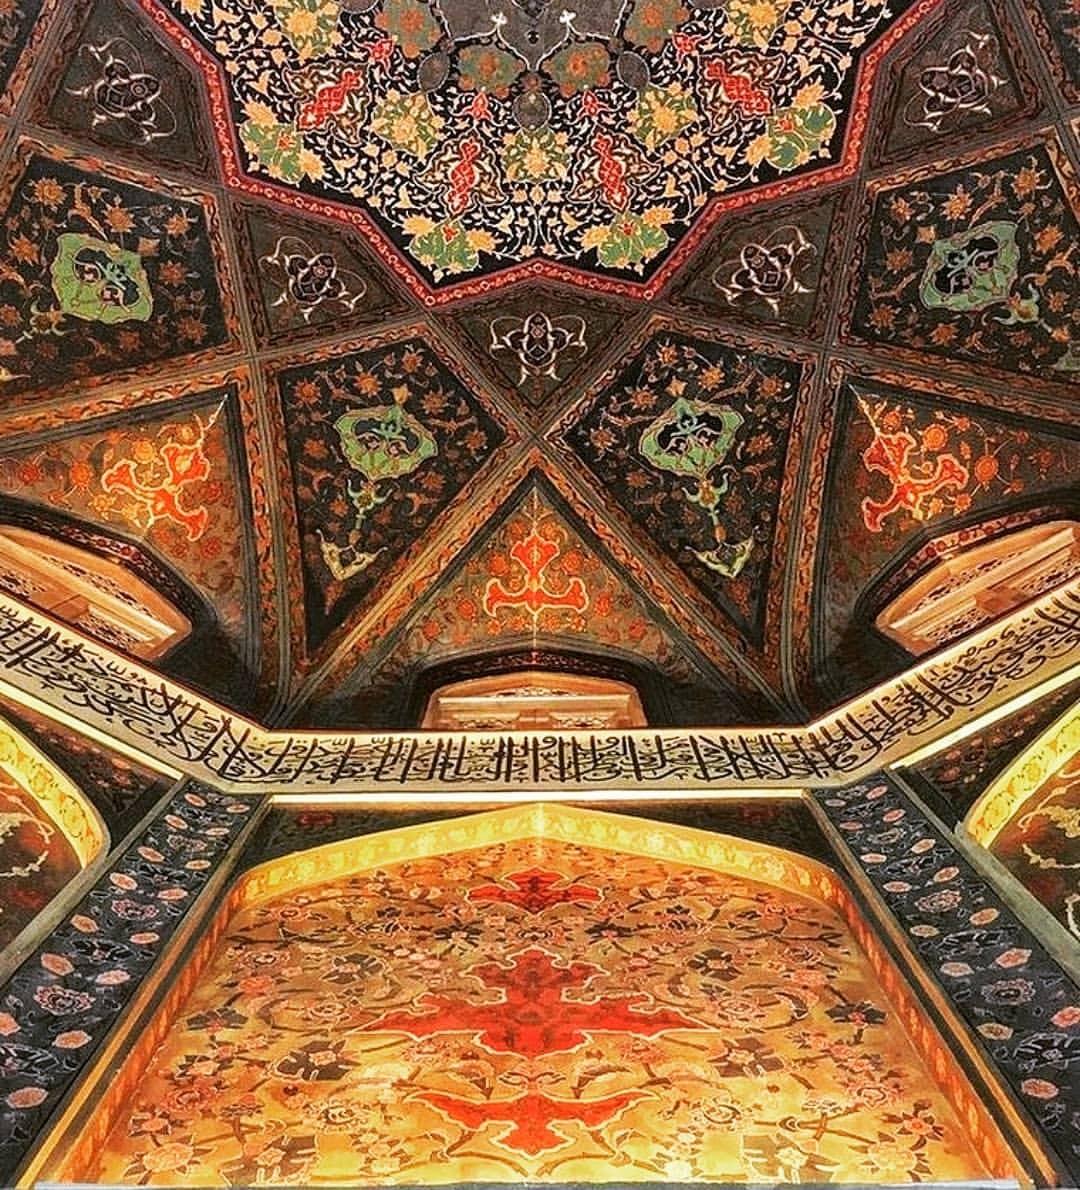 معماری صفویه در حرم حضرت معصومه